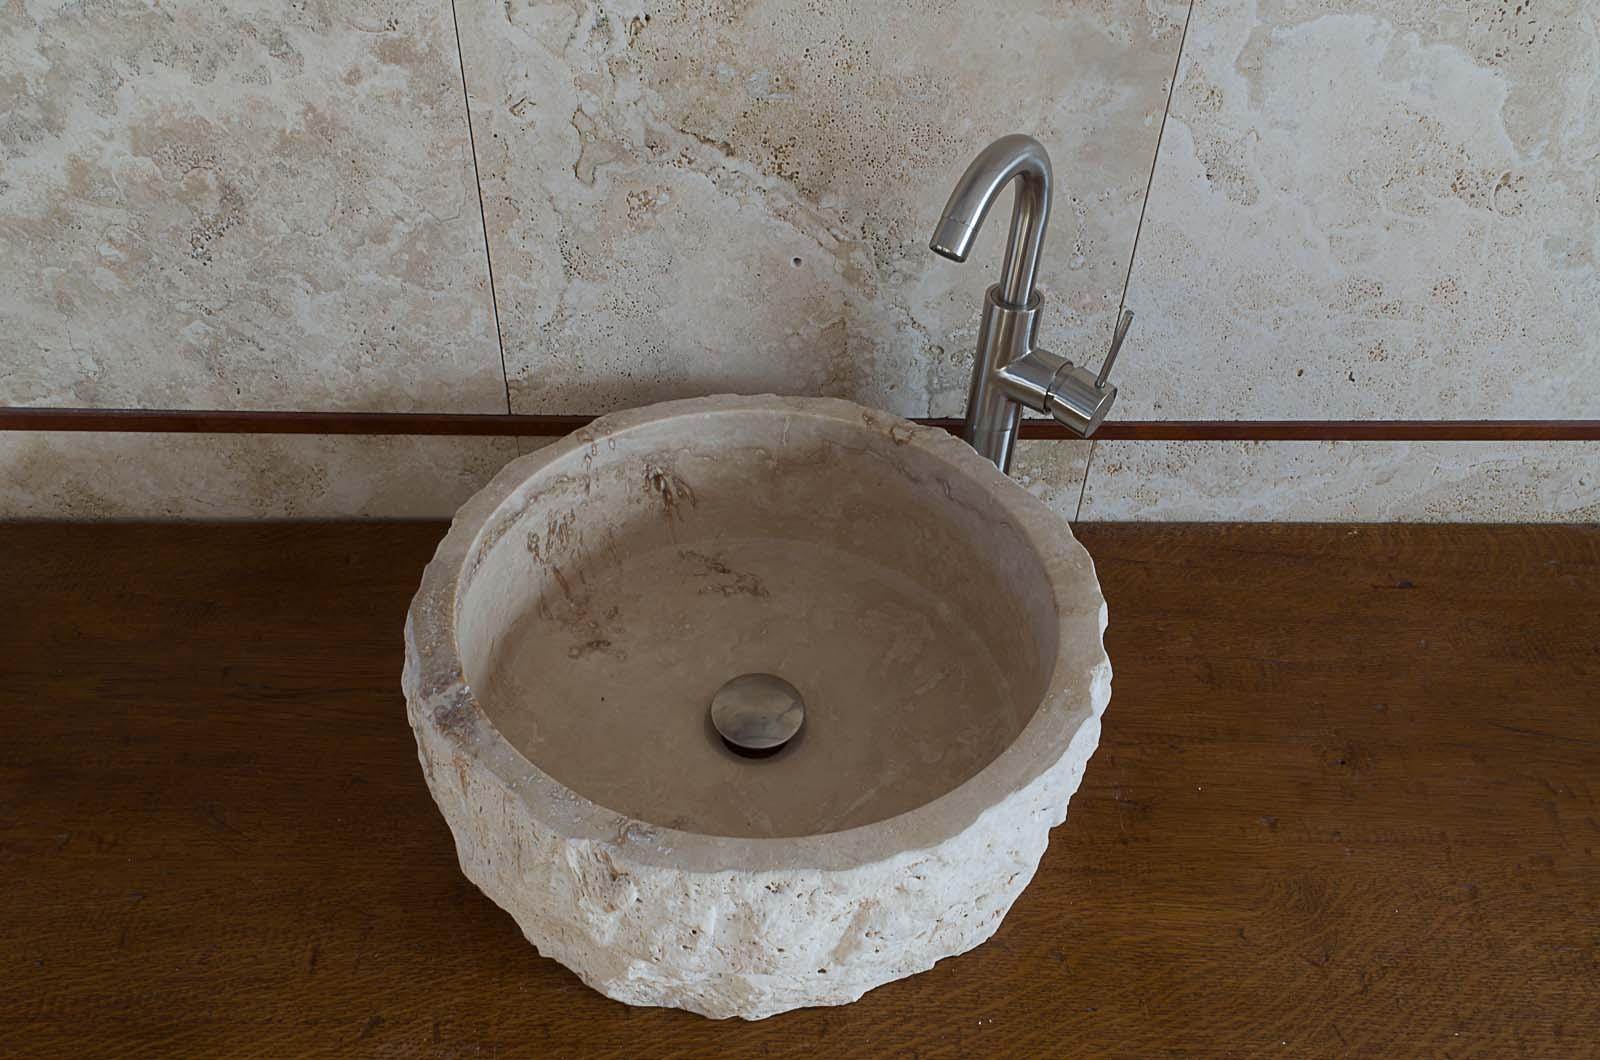 Lavandini Da Bagno Da Appoggio : Lavabo per il bagno guida alla scelta e acquisto guida per casa